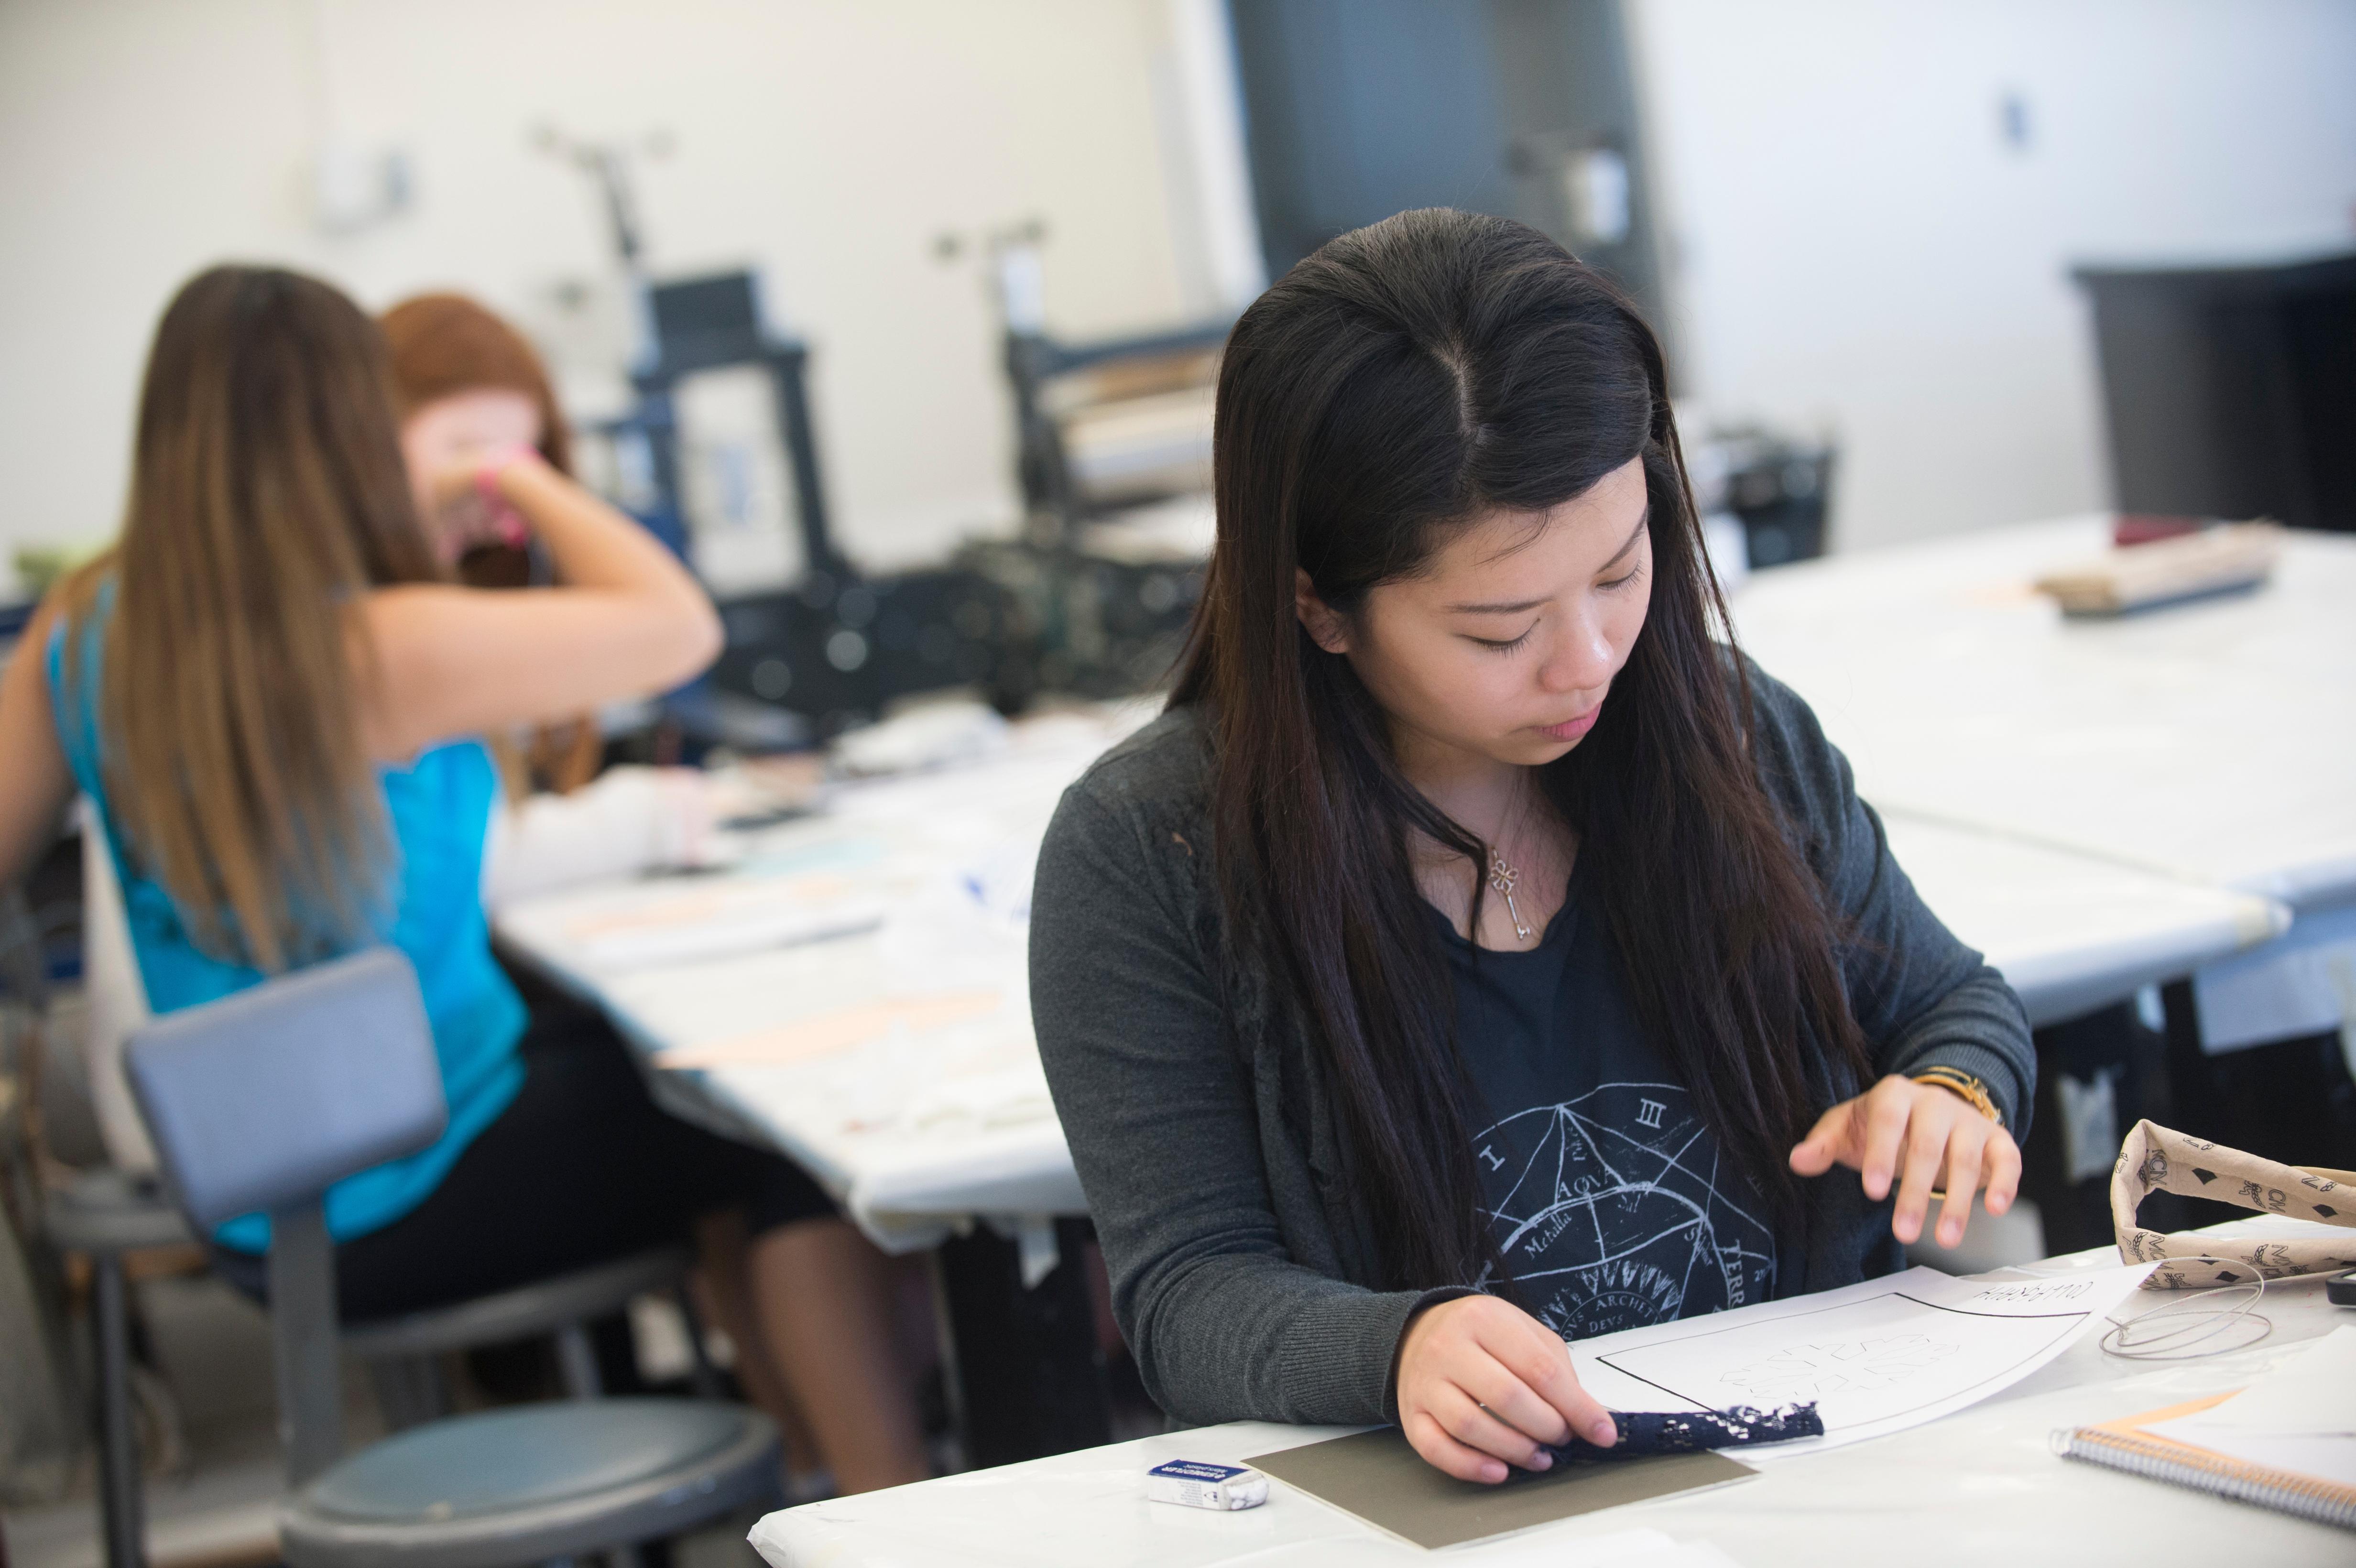 Summer Program - Arts | LMU Pre-College Programs: Intro to Three-Dimensional Design